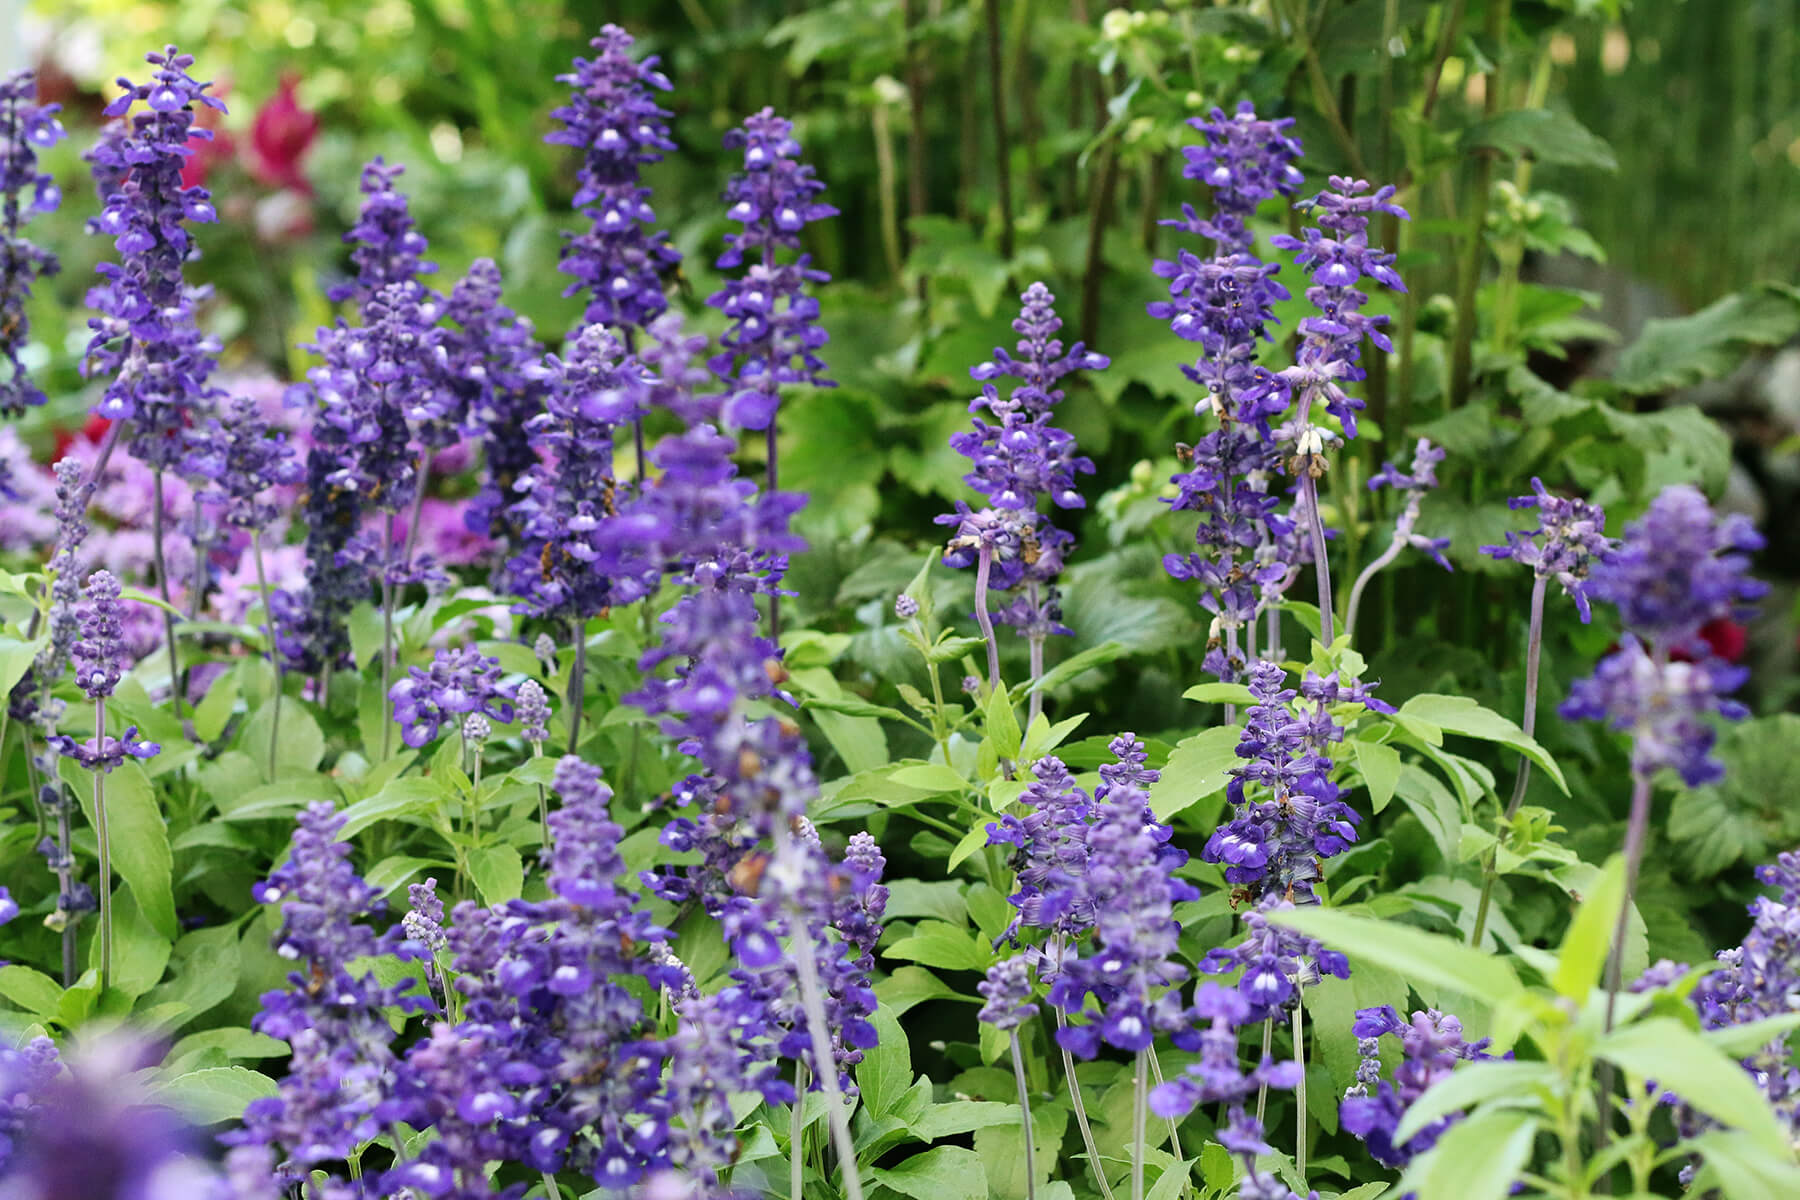 Stor daggsalvia är årets sommarblomma 2016. Den är inte bara vackert blå, den är dessutom lättskött och blommar oavbrutet. Doften är underbar och är älskad av både fjärilar och bin. Av juryn valdes den till Årets sommarblomma för sin ståtlighet, långa blomningstid och tålighet.